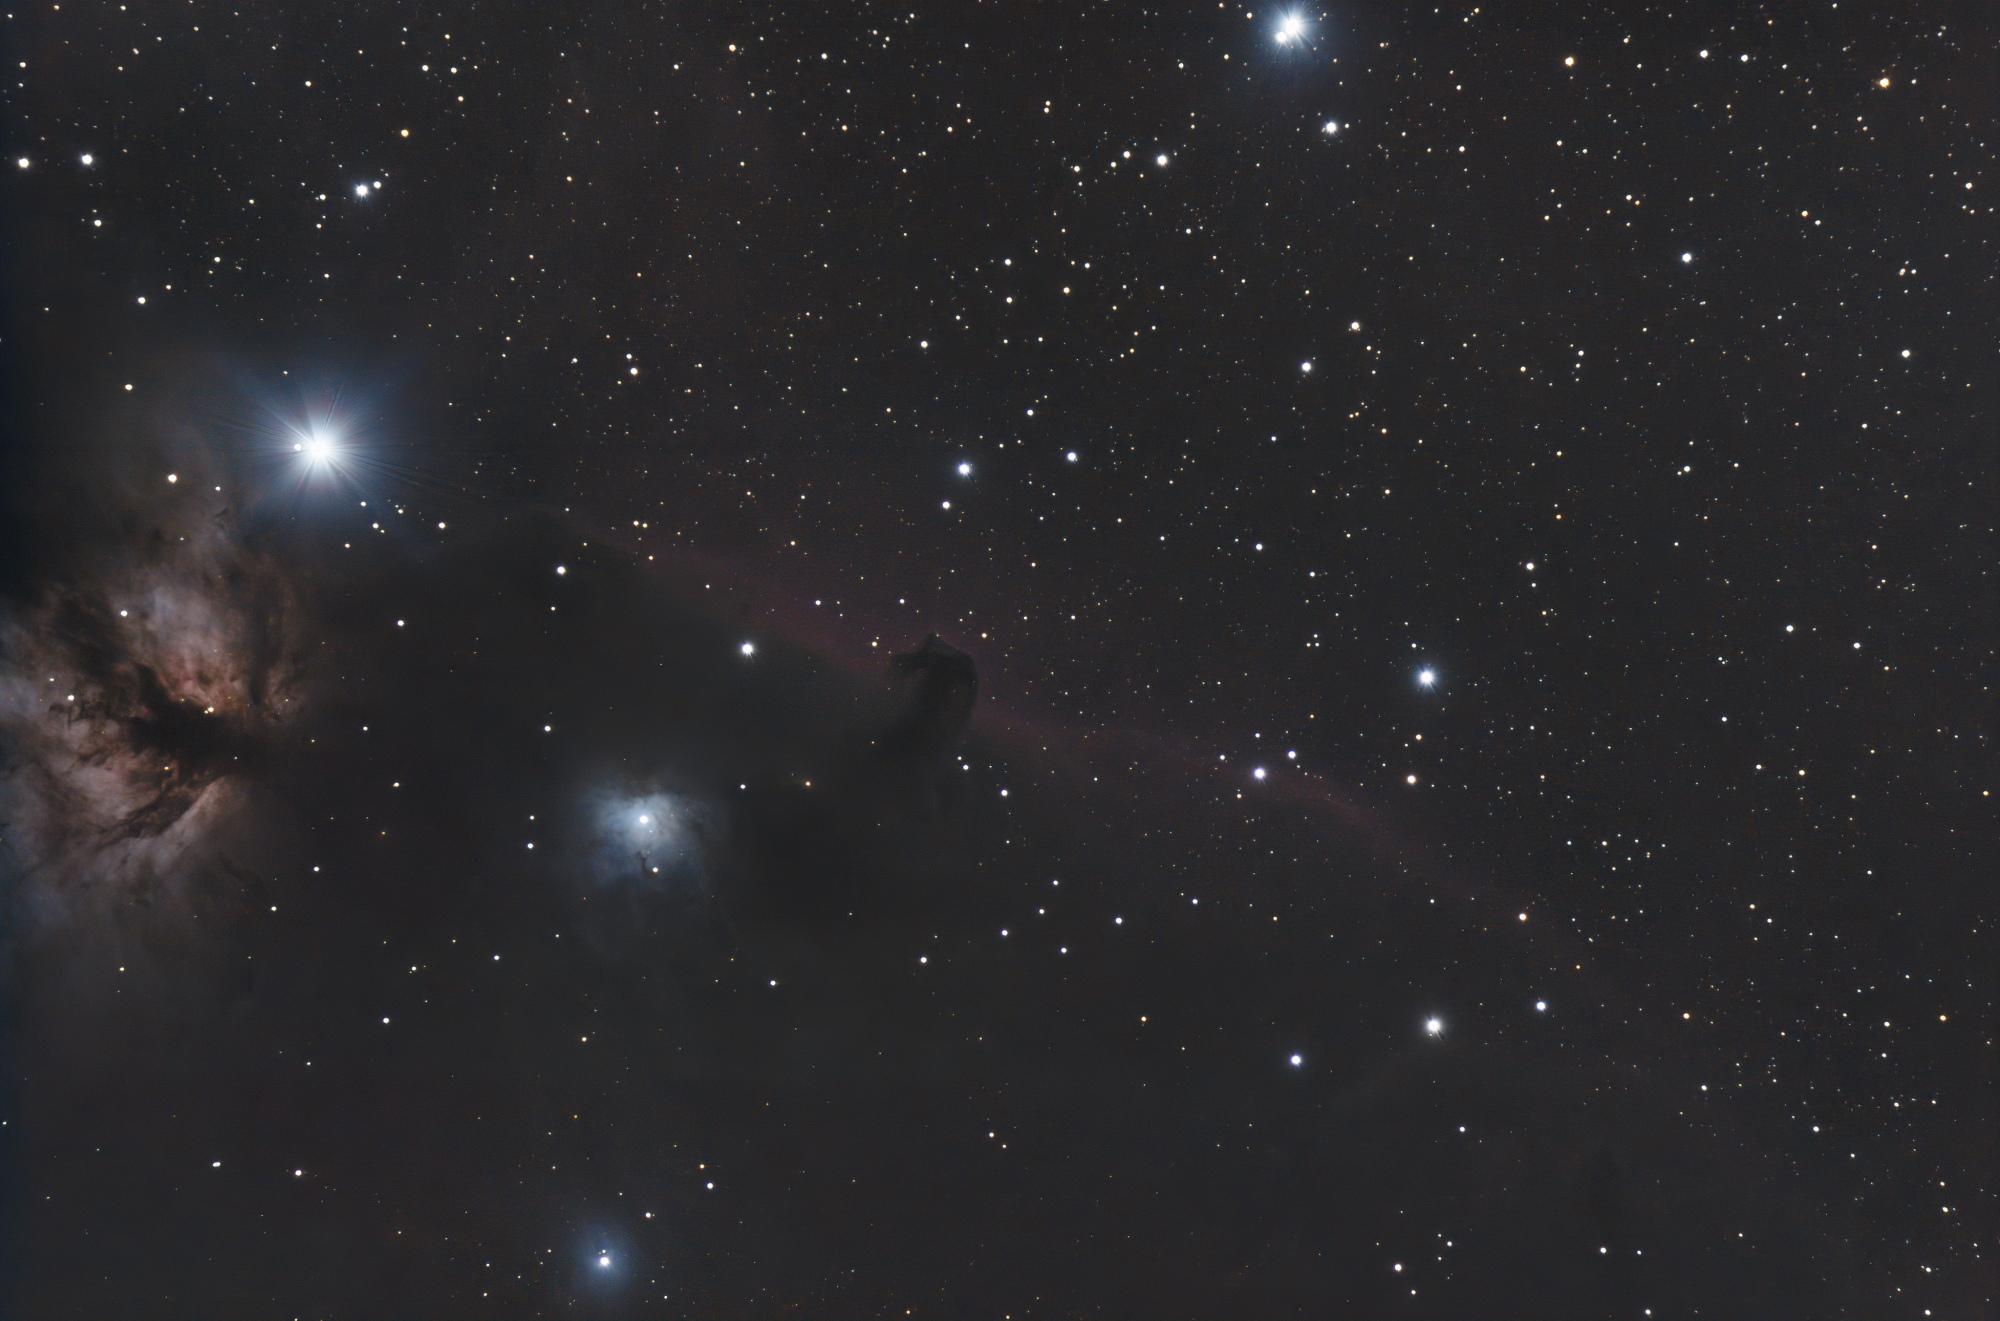 IC434.4.thumb.jpg.e4b62cfd9ab7b536642256eeb0e28782.jpg